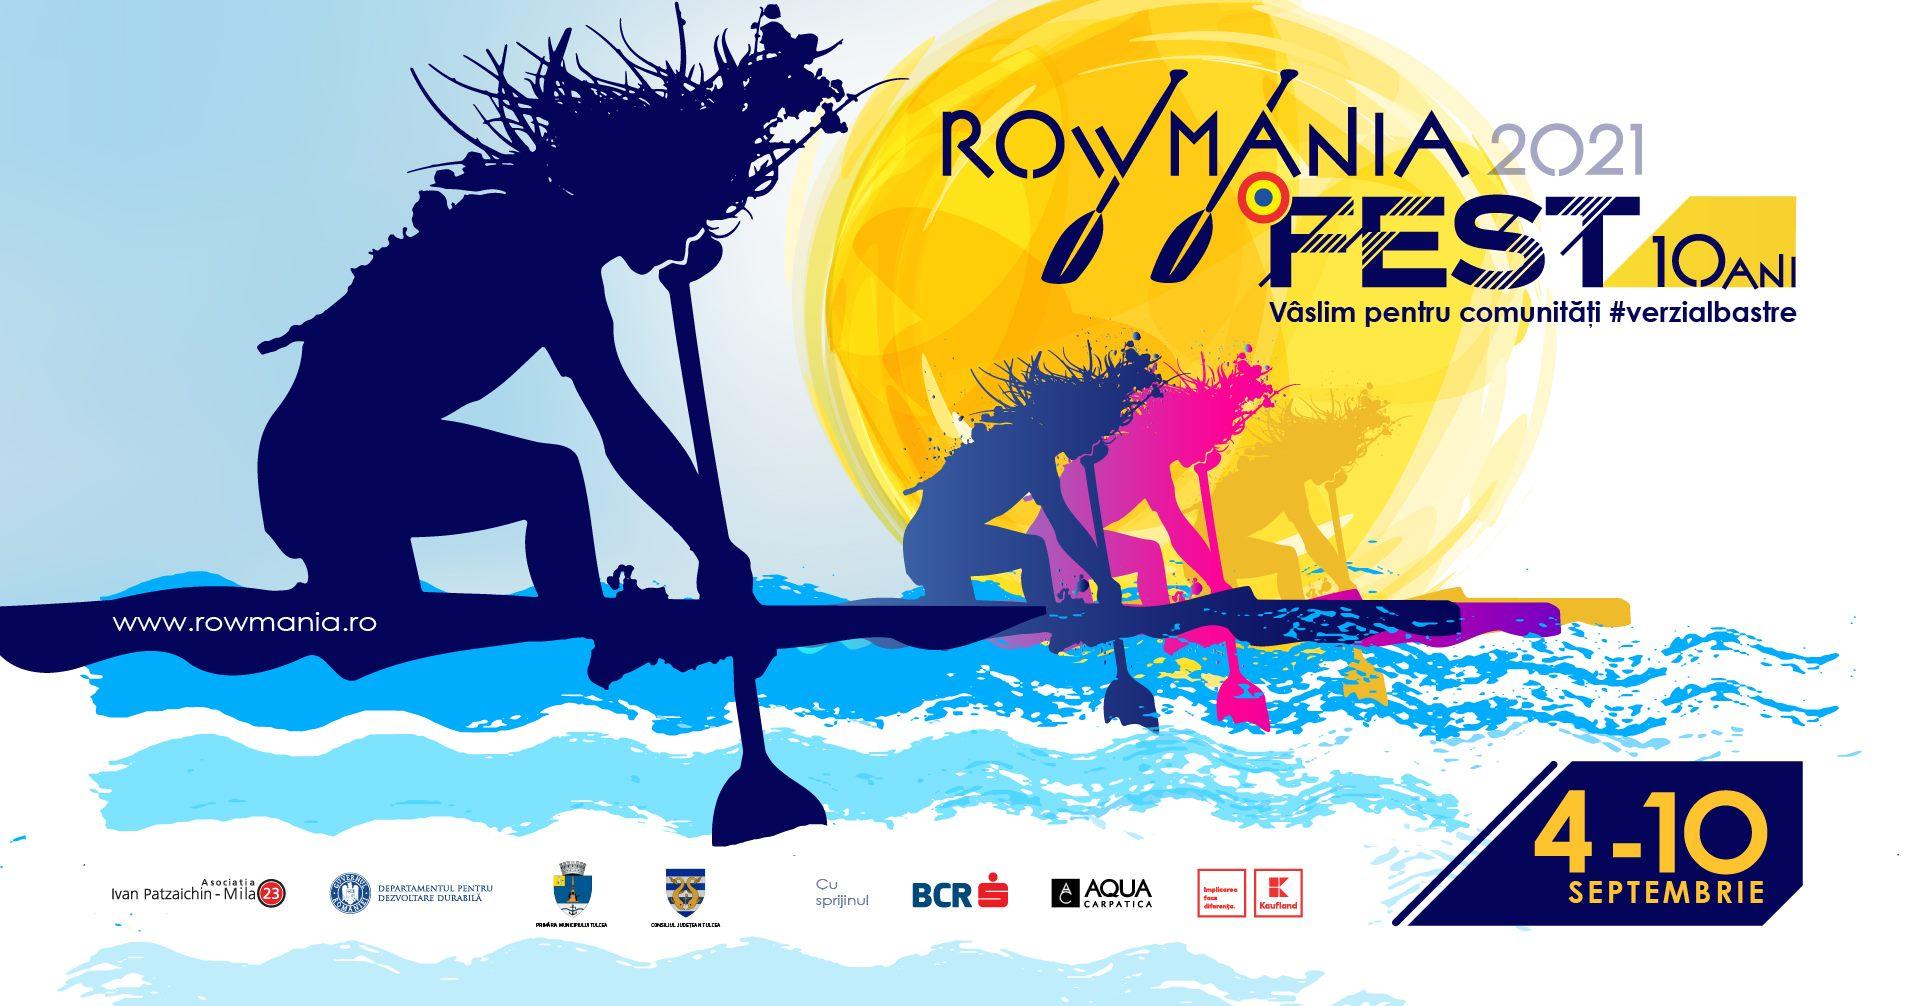 Tulcenii invitați să ecologizeze zona Zaghen în cadrul Rowmania Fest